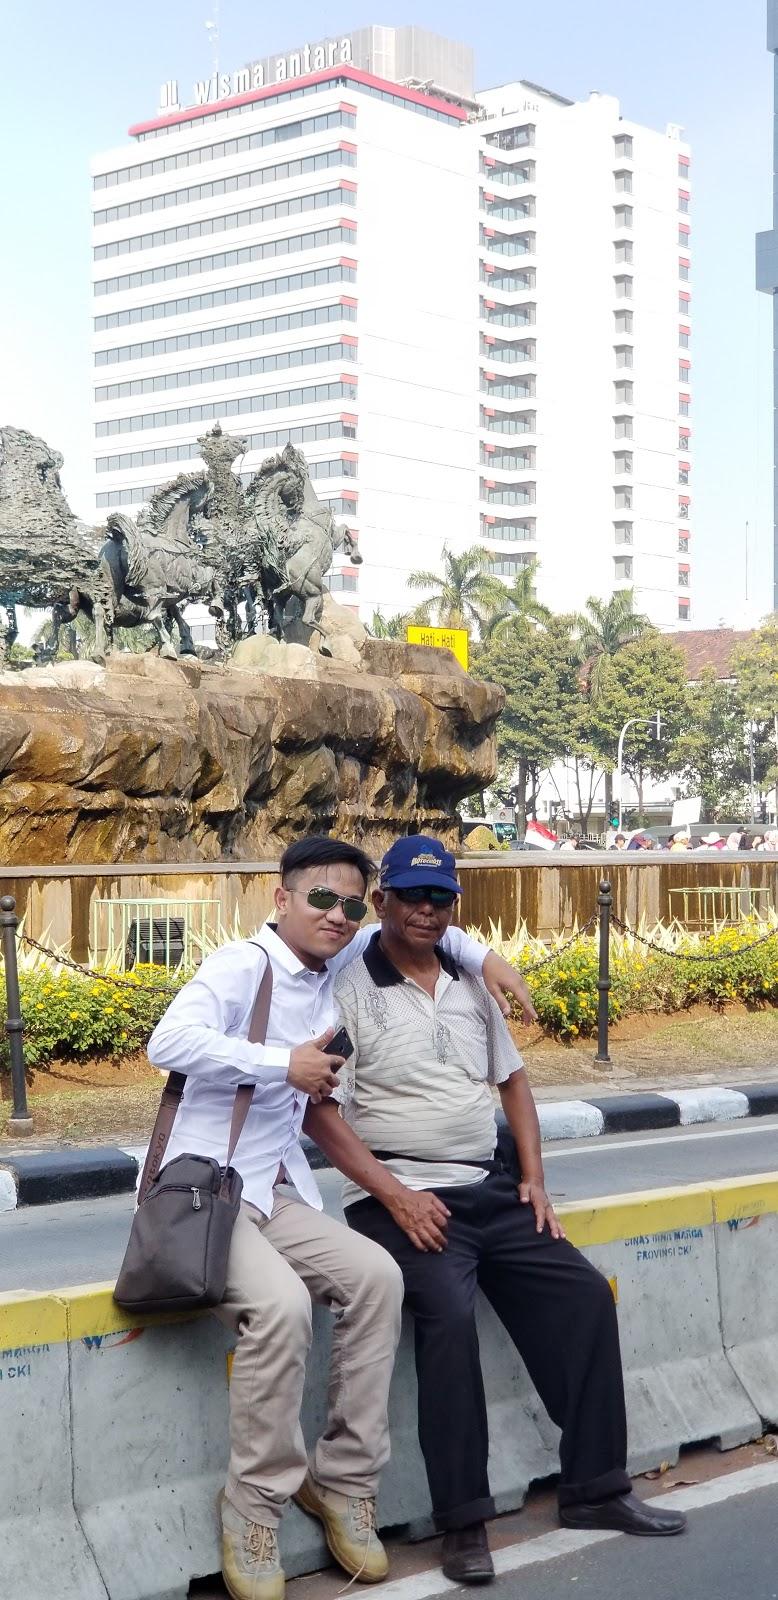 Patung Arjuna Wijaya atau juga disebut Patung Arjuna Wiwaha atau Patung Asta Brata adalah monumen berbentuk patung kereta kuda dengan air mancur yang terbuat dari tembaga yang terletak di persimpangan Jalan MH Thamrin dan Jalan Medan Merdeka. Perancang Patung Arjuna Wijaya adalah maestro pematung Indonesia asal Tabanan, Bali, Nyoman Nuarta.